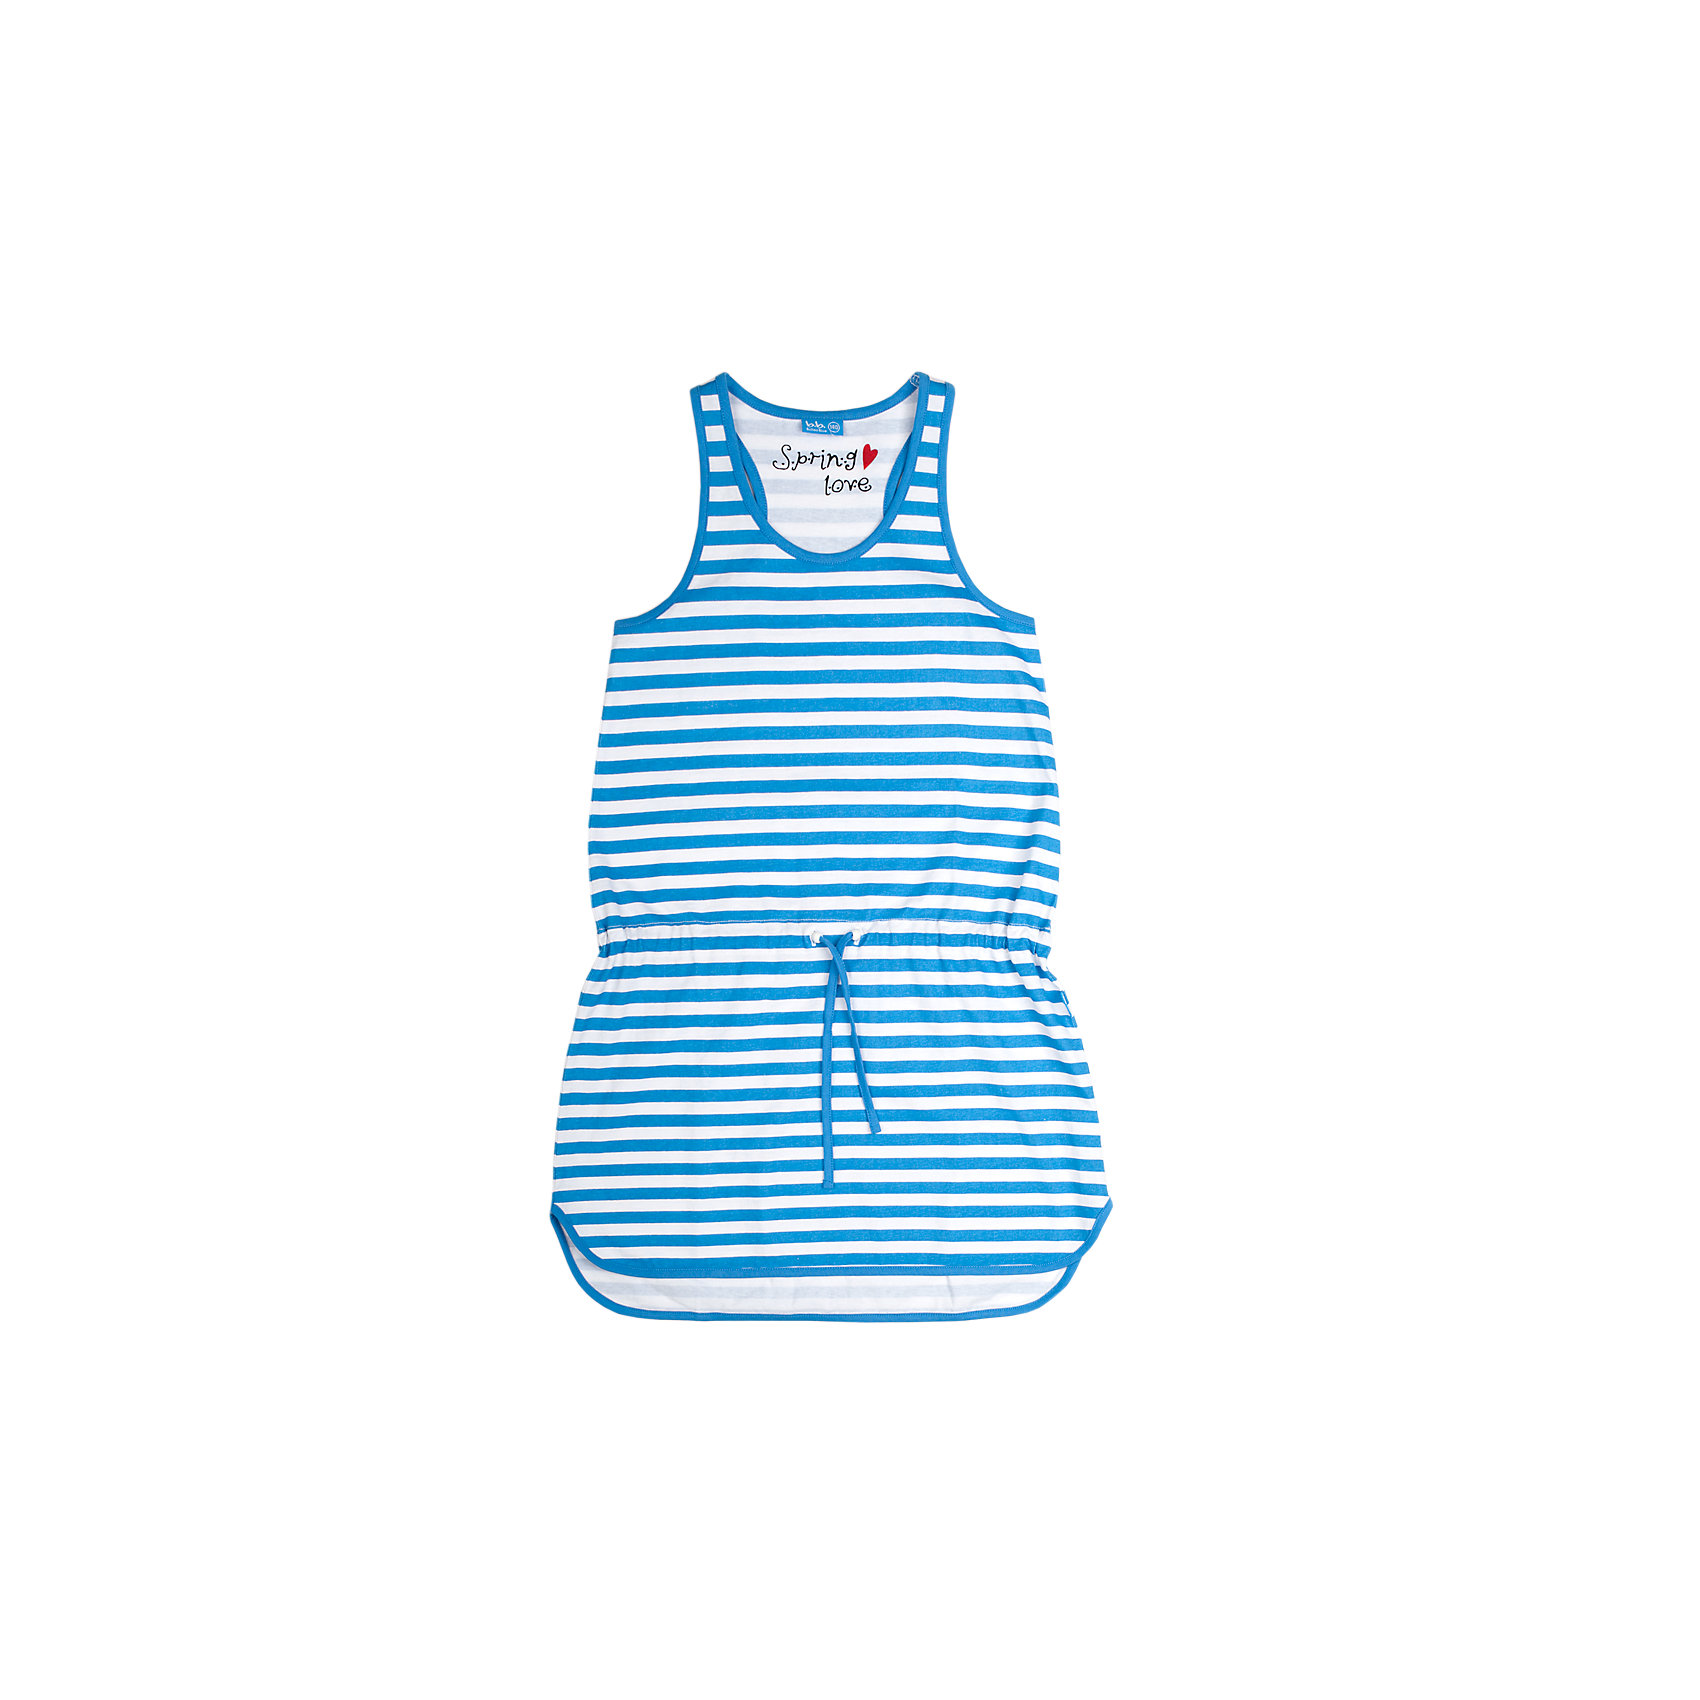 Платье для девочки Button BlueПлатья и сарафаны<br>Легкое летнее платье имеет силуэт борцовка и округлую линию низа. На талии - пояс-шнурок. Отличное решение для пляжного отдыха.<br>Состав:<br>100% хлопок<br><br>Размеры данного бренда маломерят. Рекомендуется заказывать на размер больше.<br><br>Ширина мм: 236<br>Глубина мм: 16<br>Высота мм: 184<br>Вес г: 177<br>Цвет: голубой<br>Возраст от месяцев: 108<br>Возраст до месяцев: 120<br>Пол: Женский<br>Возраст: Детский<br>Размер: 140,128,134,158,146,152<br>SKU: 3979383